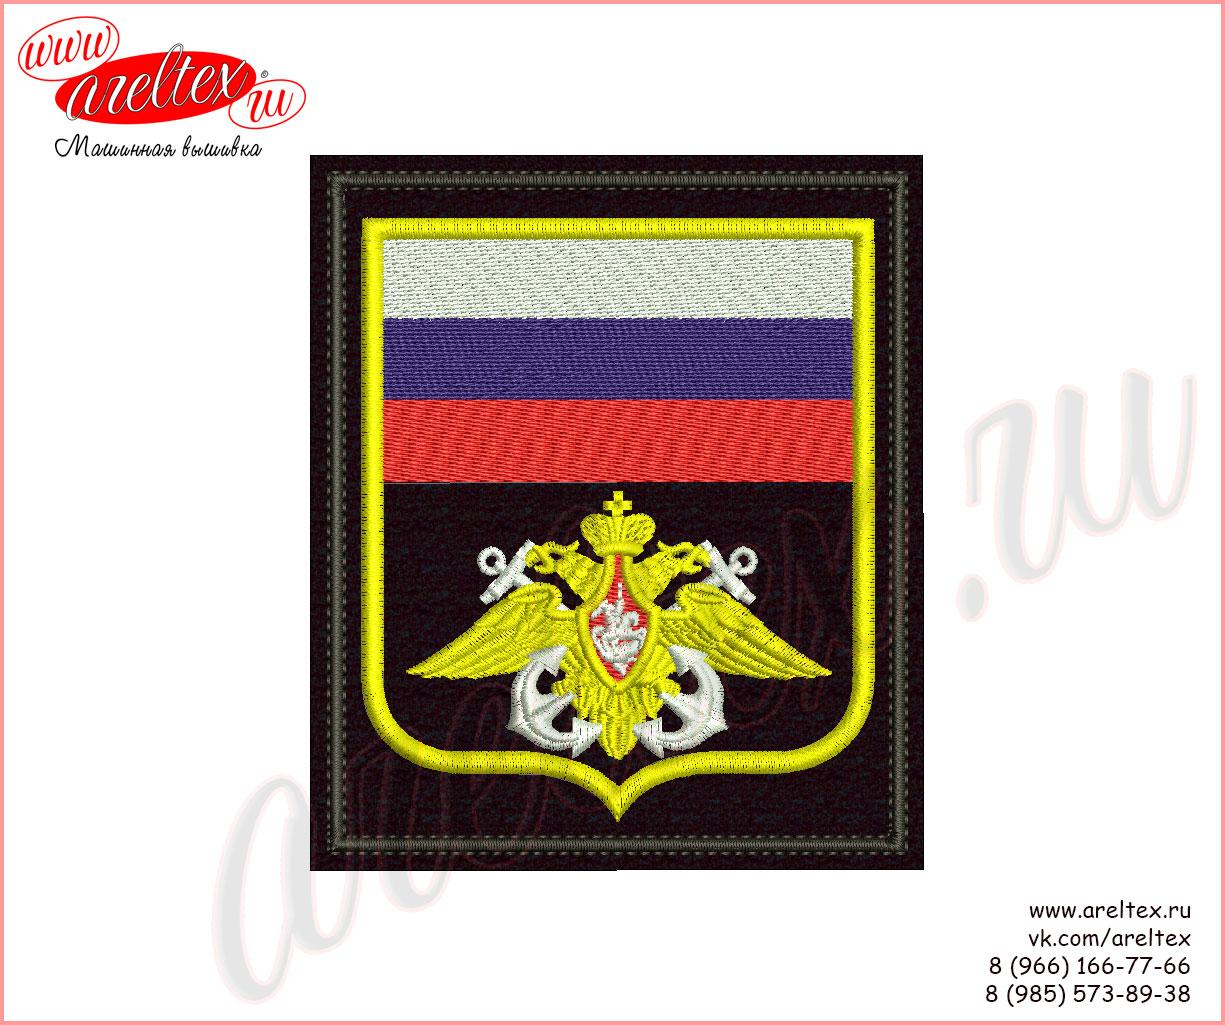 Вышитый шеврон ВМФ МО (Министерстваобороны РФ)